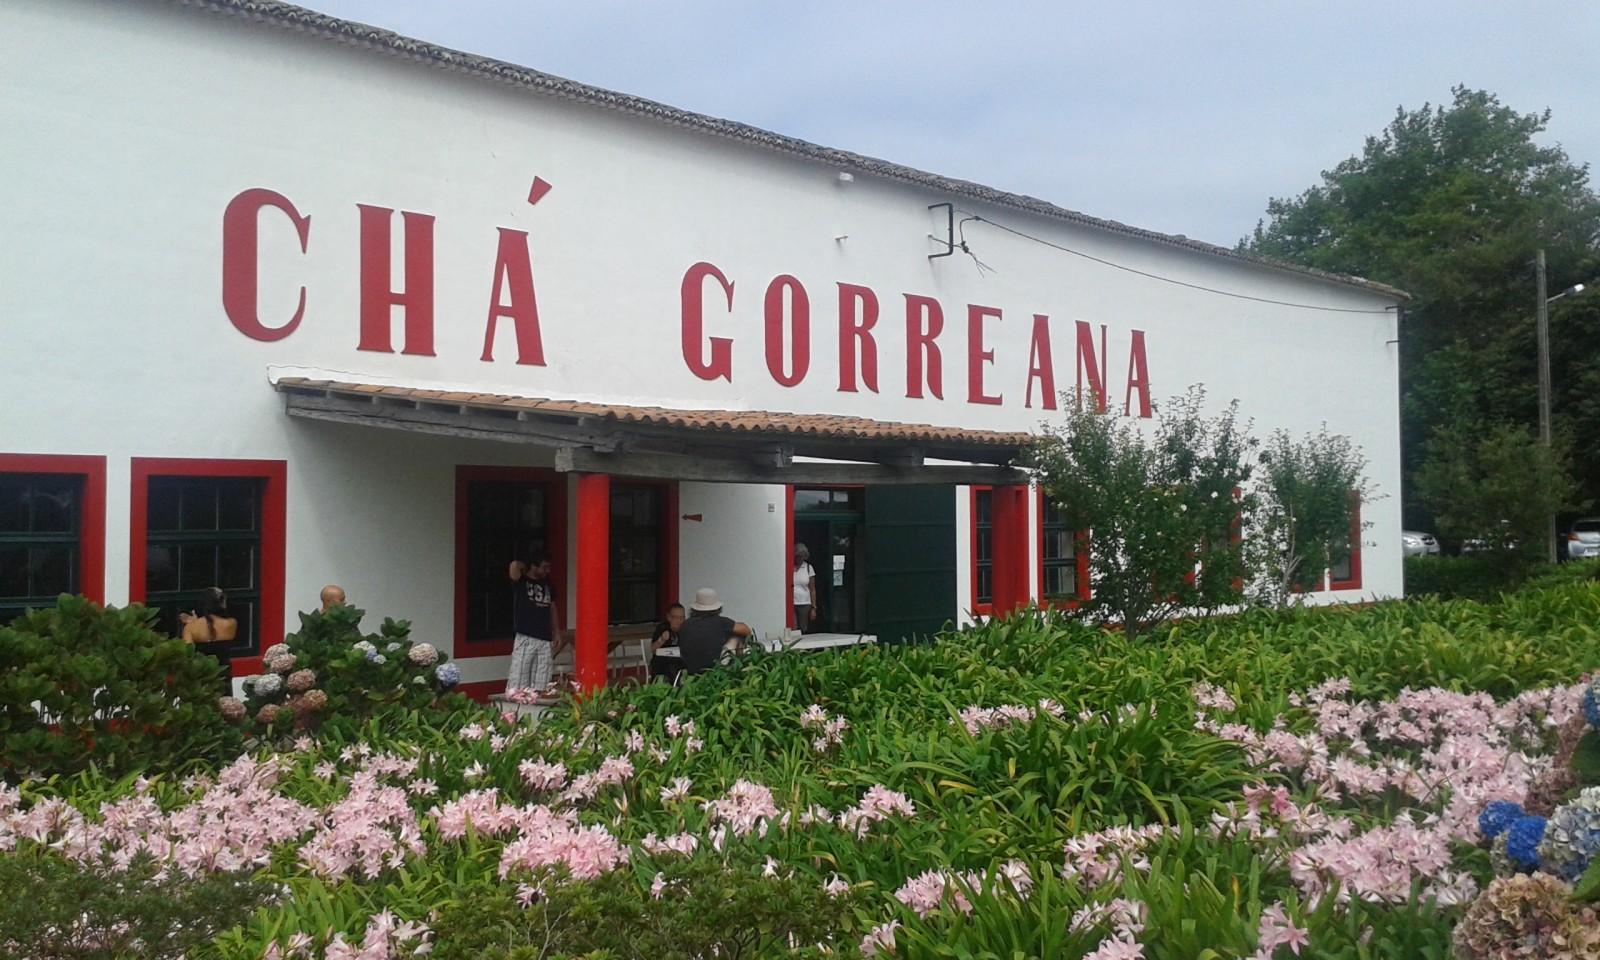 Cha Gorreana Sao Miguel